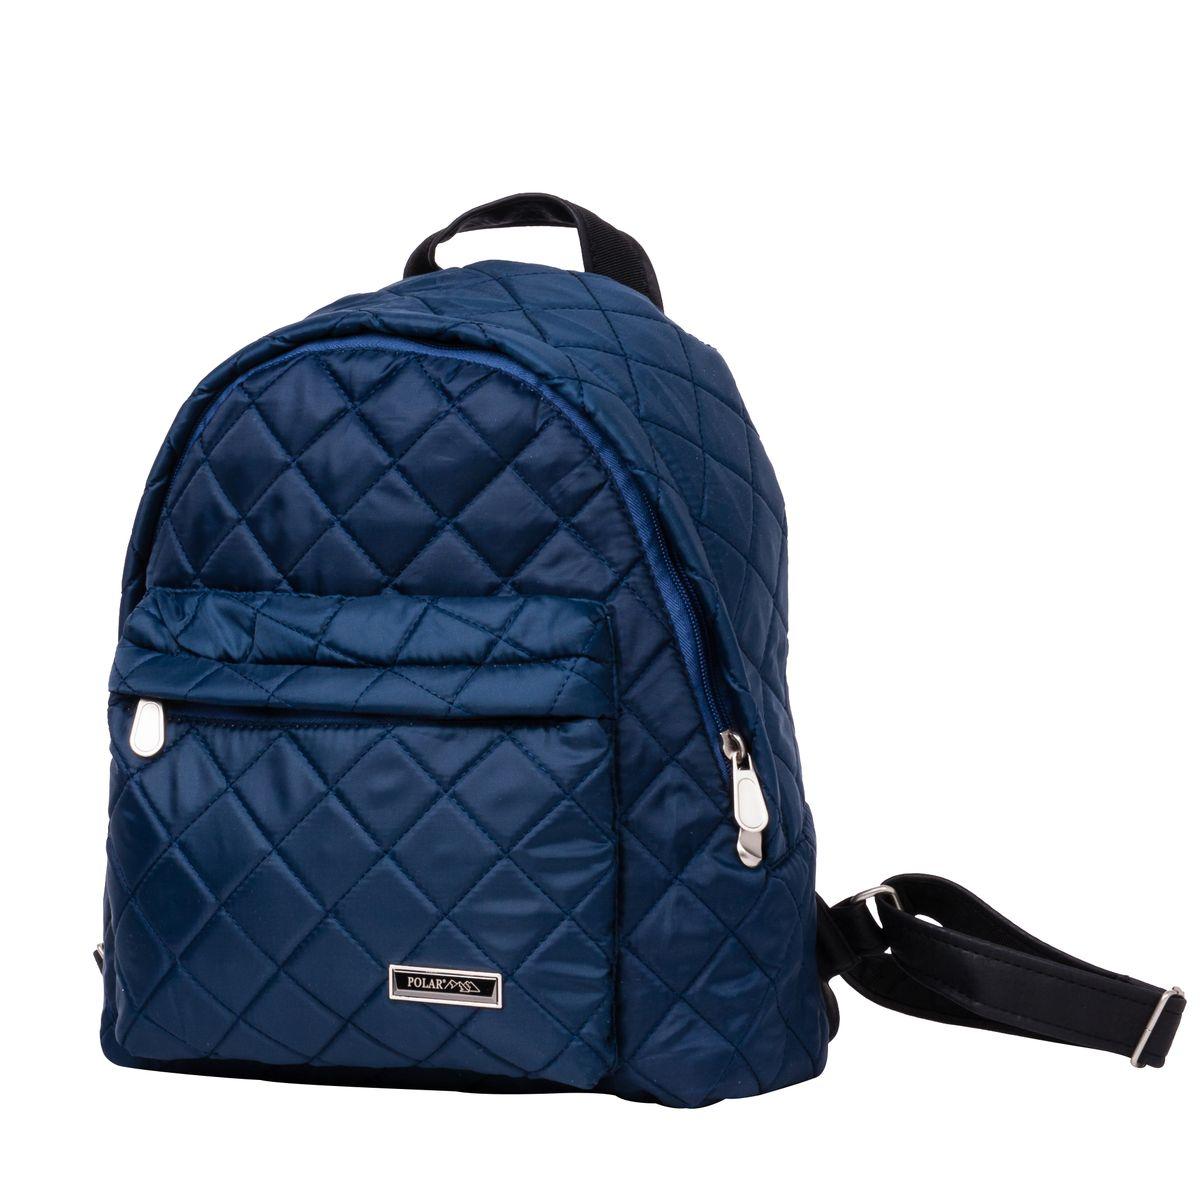 Рюкзак городской Polar, цвет: синий, 16 л. п7074-04MW-1462-01-SR серебристыйНебольшой и очень удобный рюкзак Polar для повседневного использования. Внутри расположены два небольших открытых кармана и карман на молнии. Снаружи на передней стенке рюкзака вместительный накладной кармана на молнии. Рюкзак выполнен из стеганого материала, дно и лямки имеют вставки из экокожи. Сверху рюкзак имеет удобную ручку для переноски.